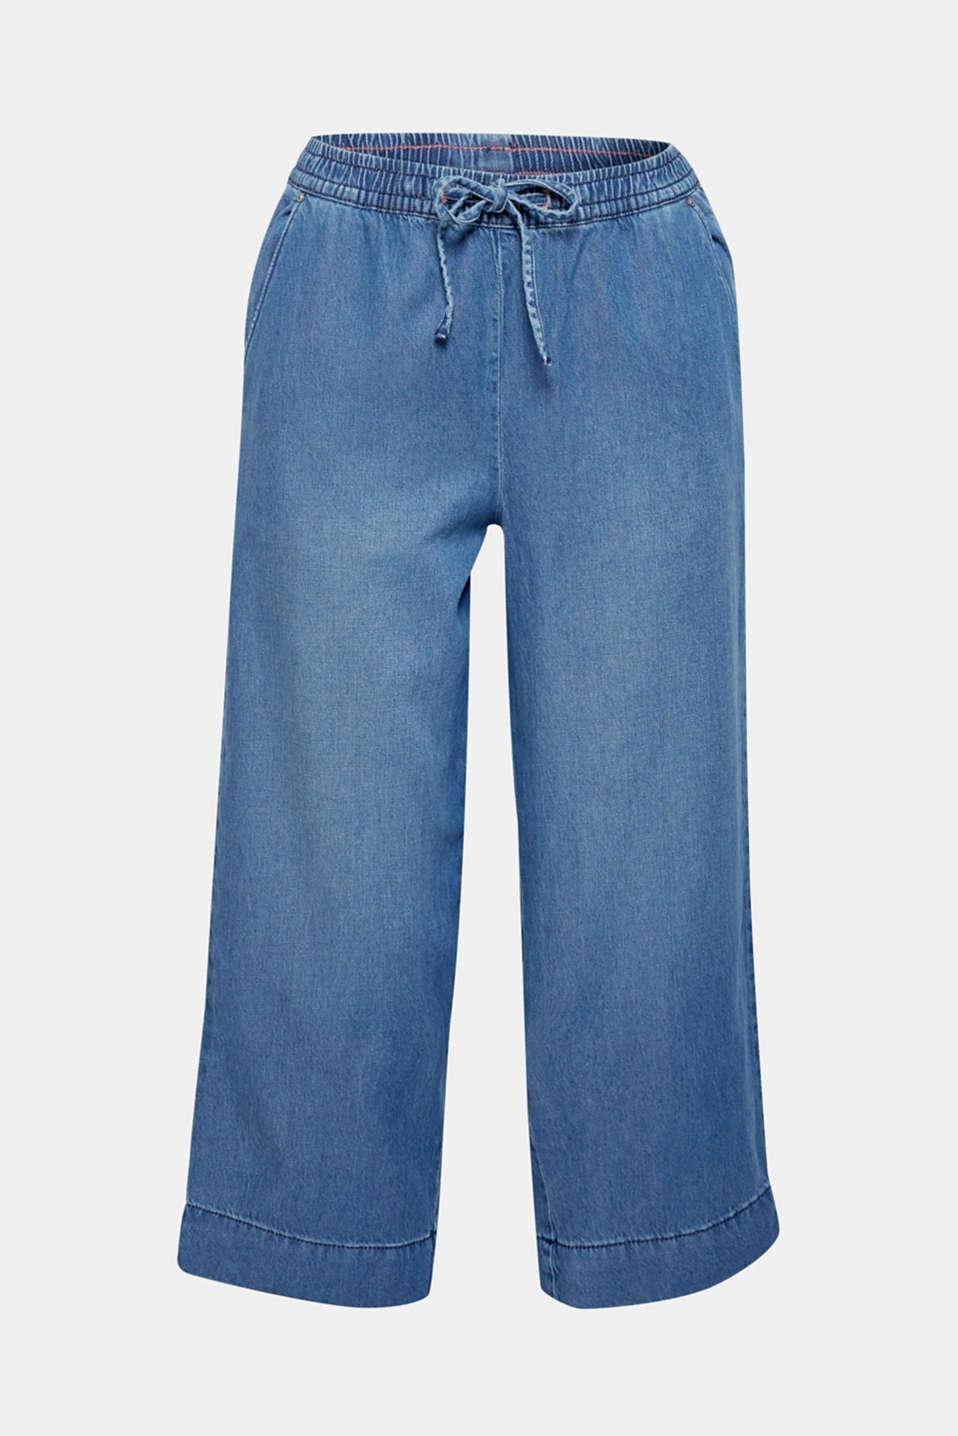 Pants denim, BLUE LIGHT WASH, detail image number 6